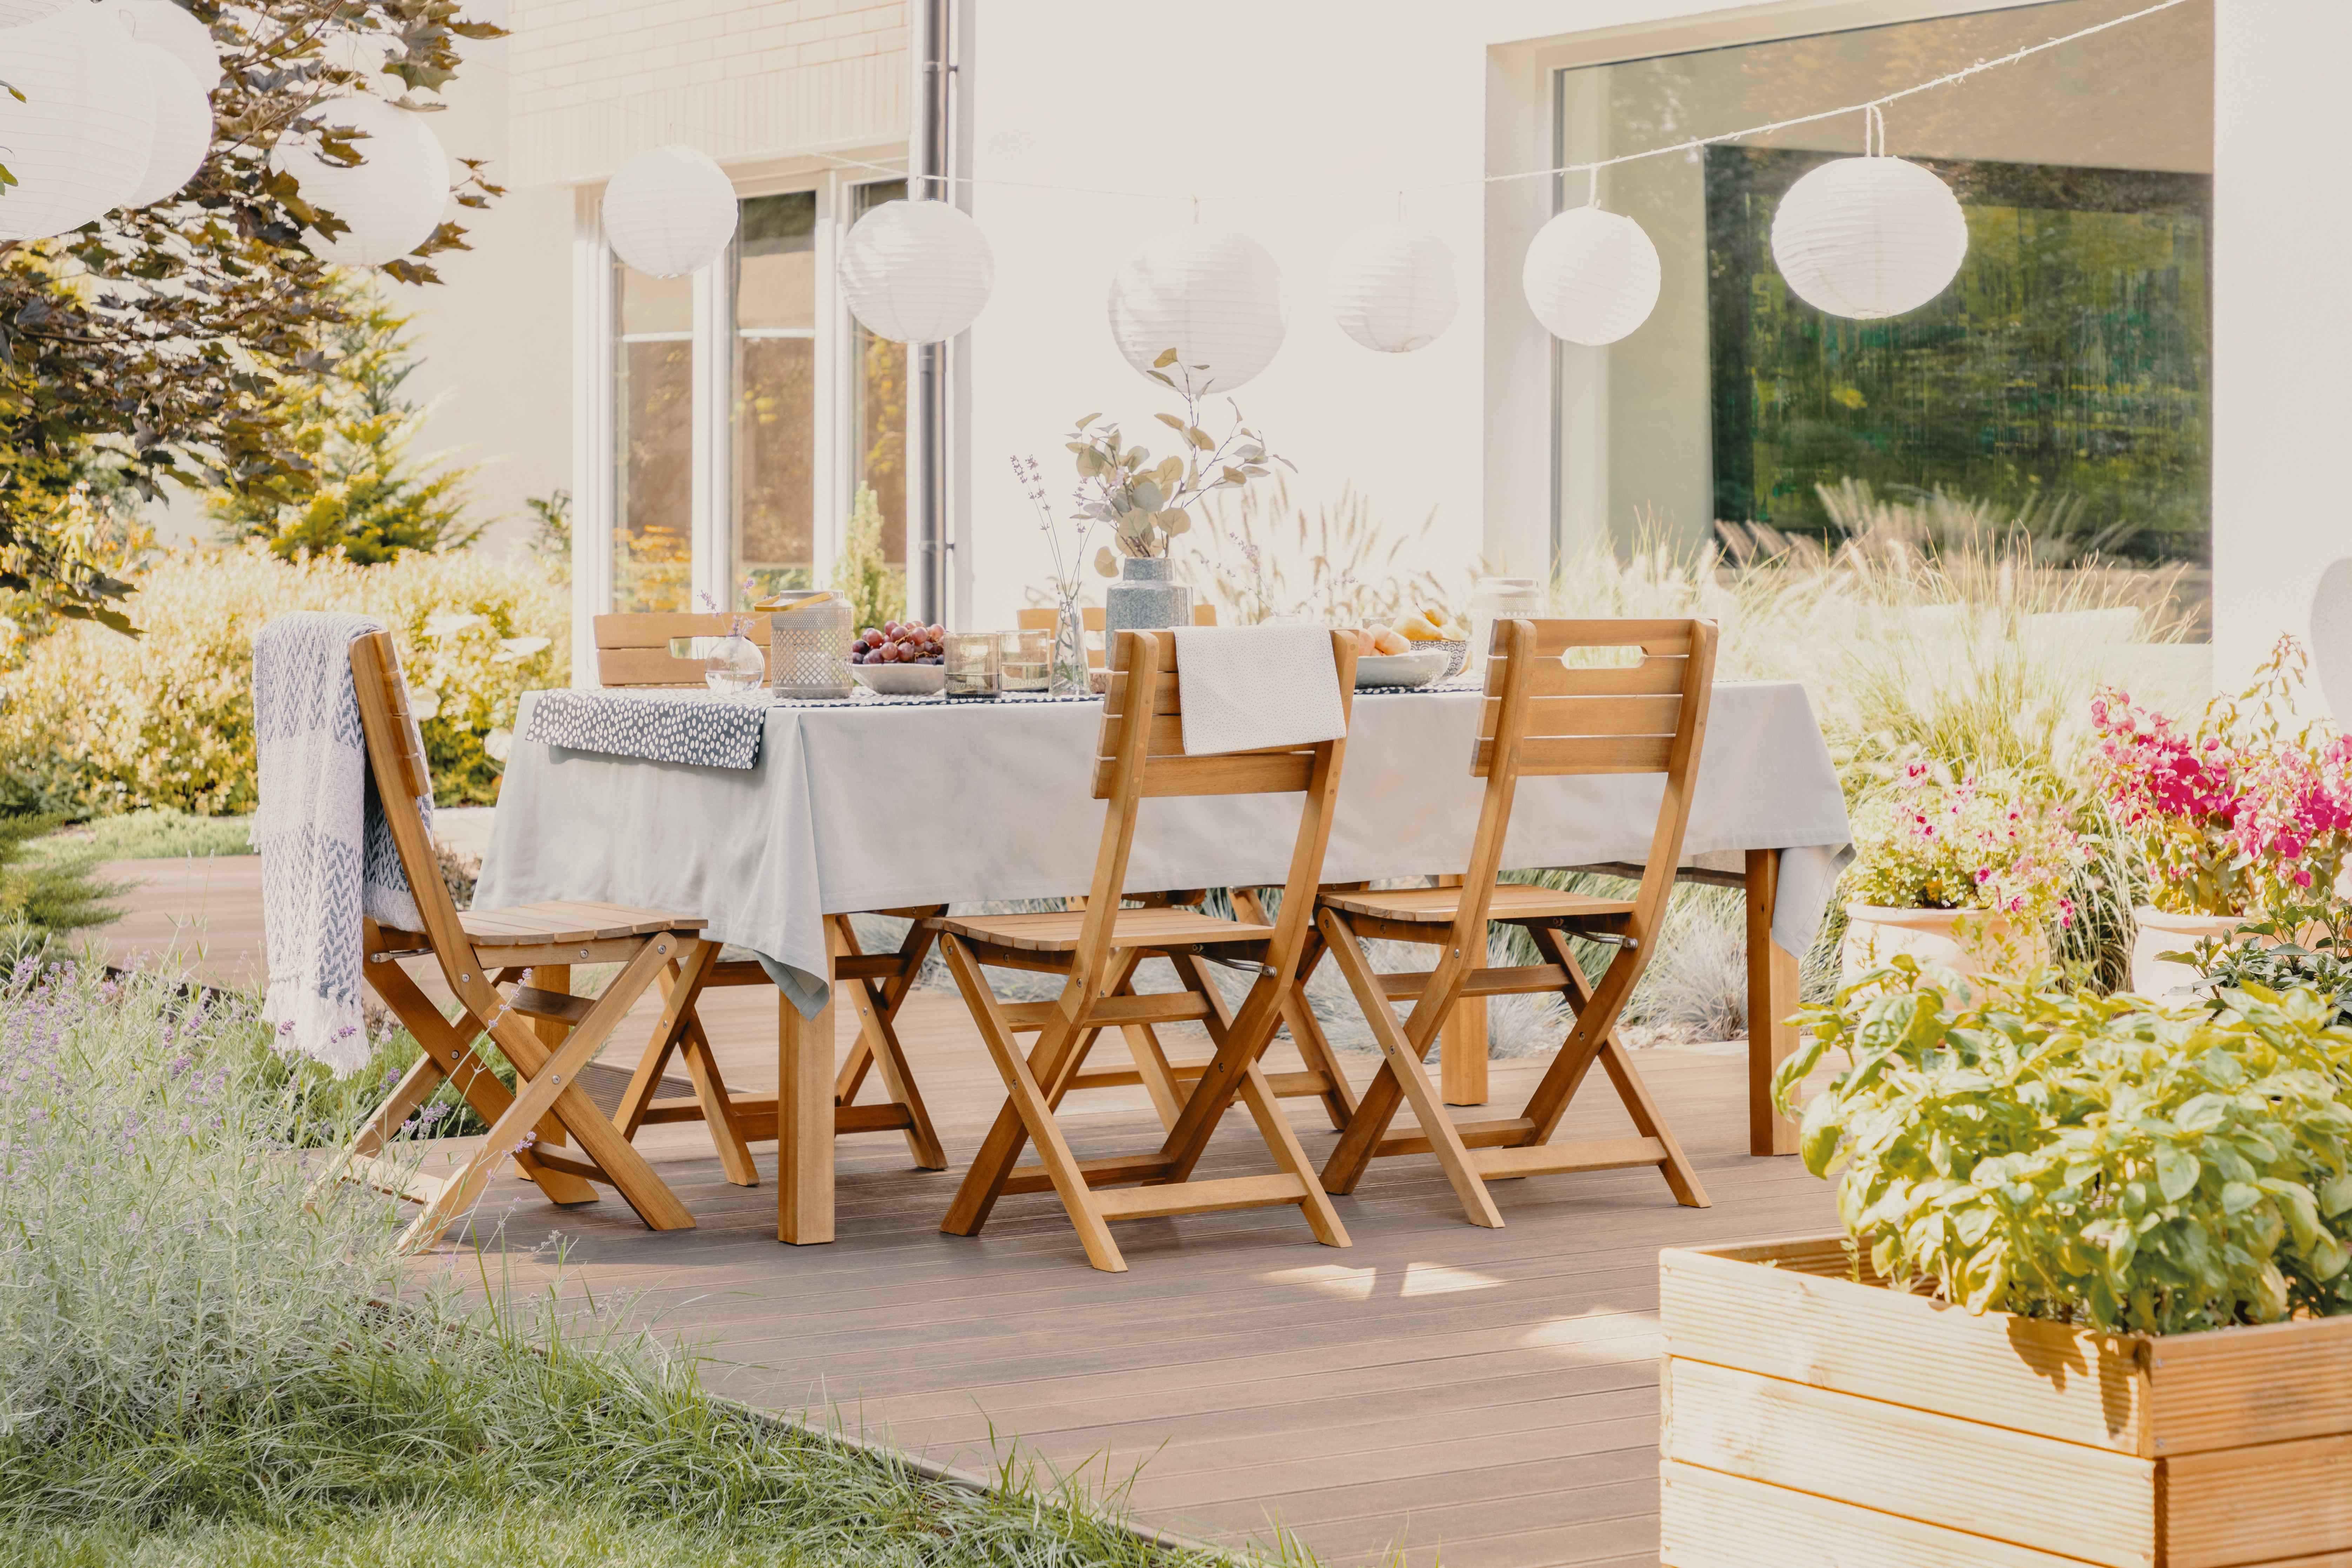 Prebuďte svoju záhradu k životu s dreveným nábytkom a dekoráciami